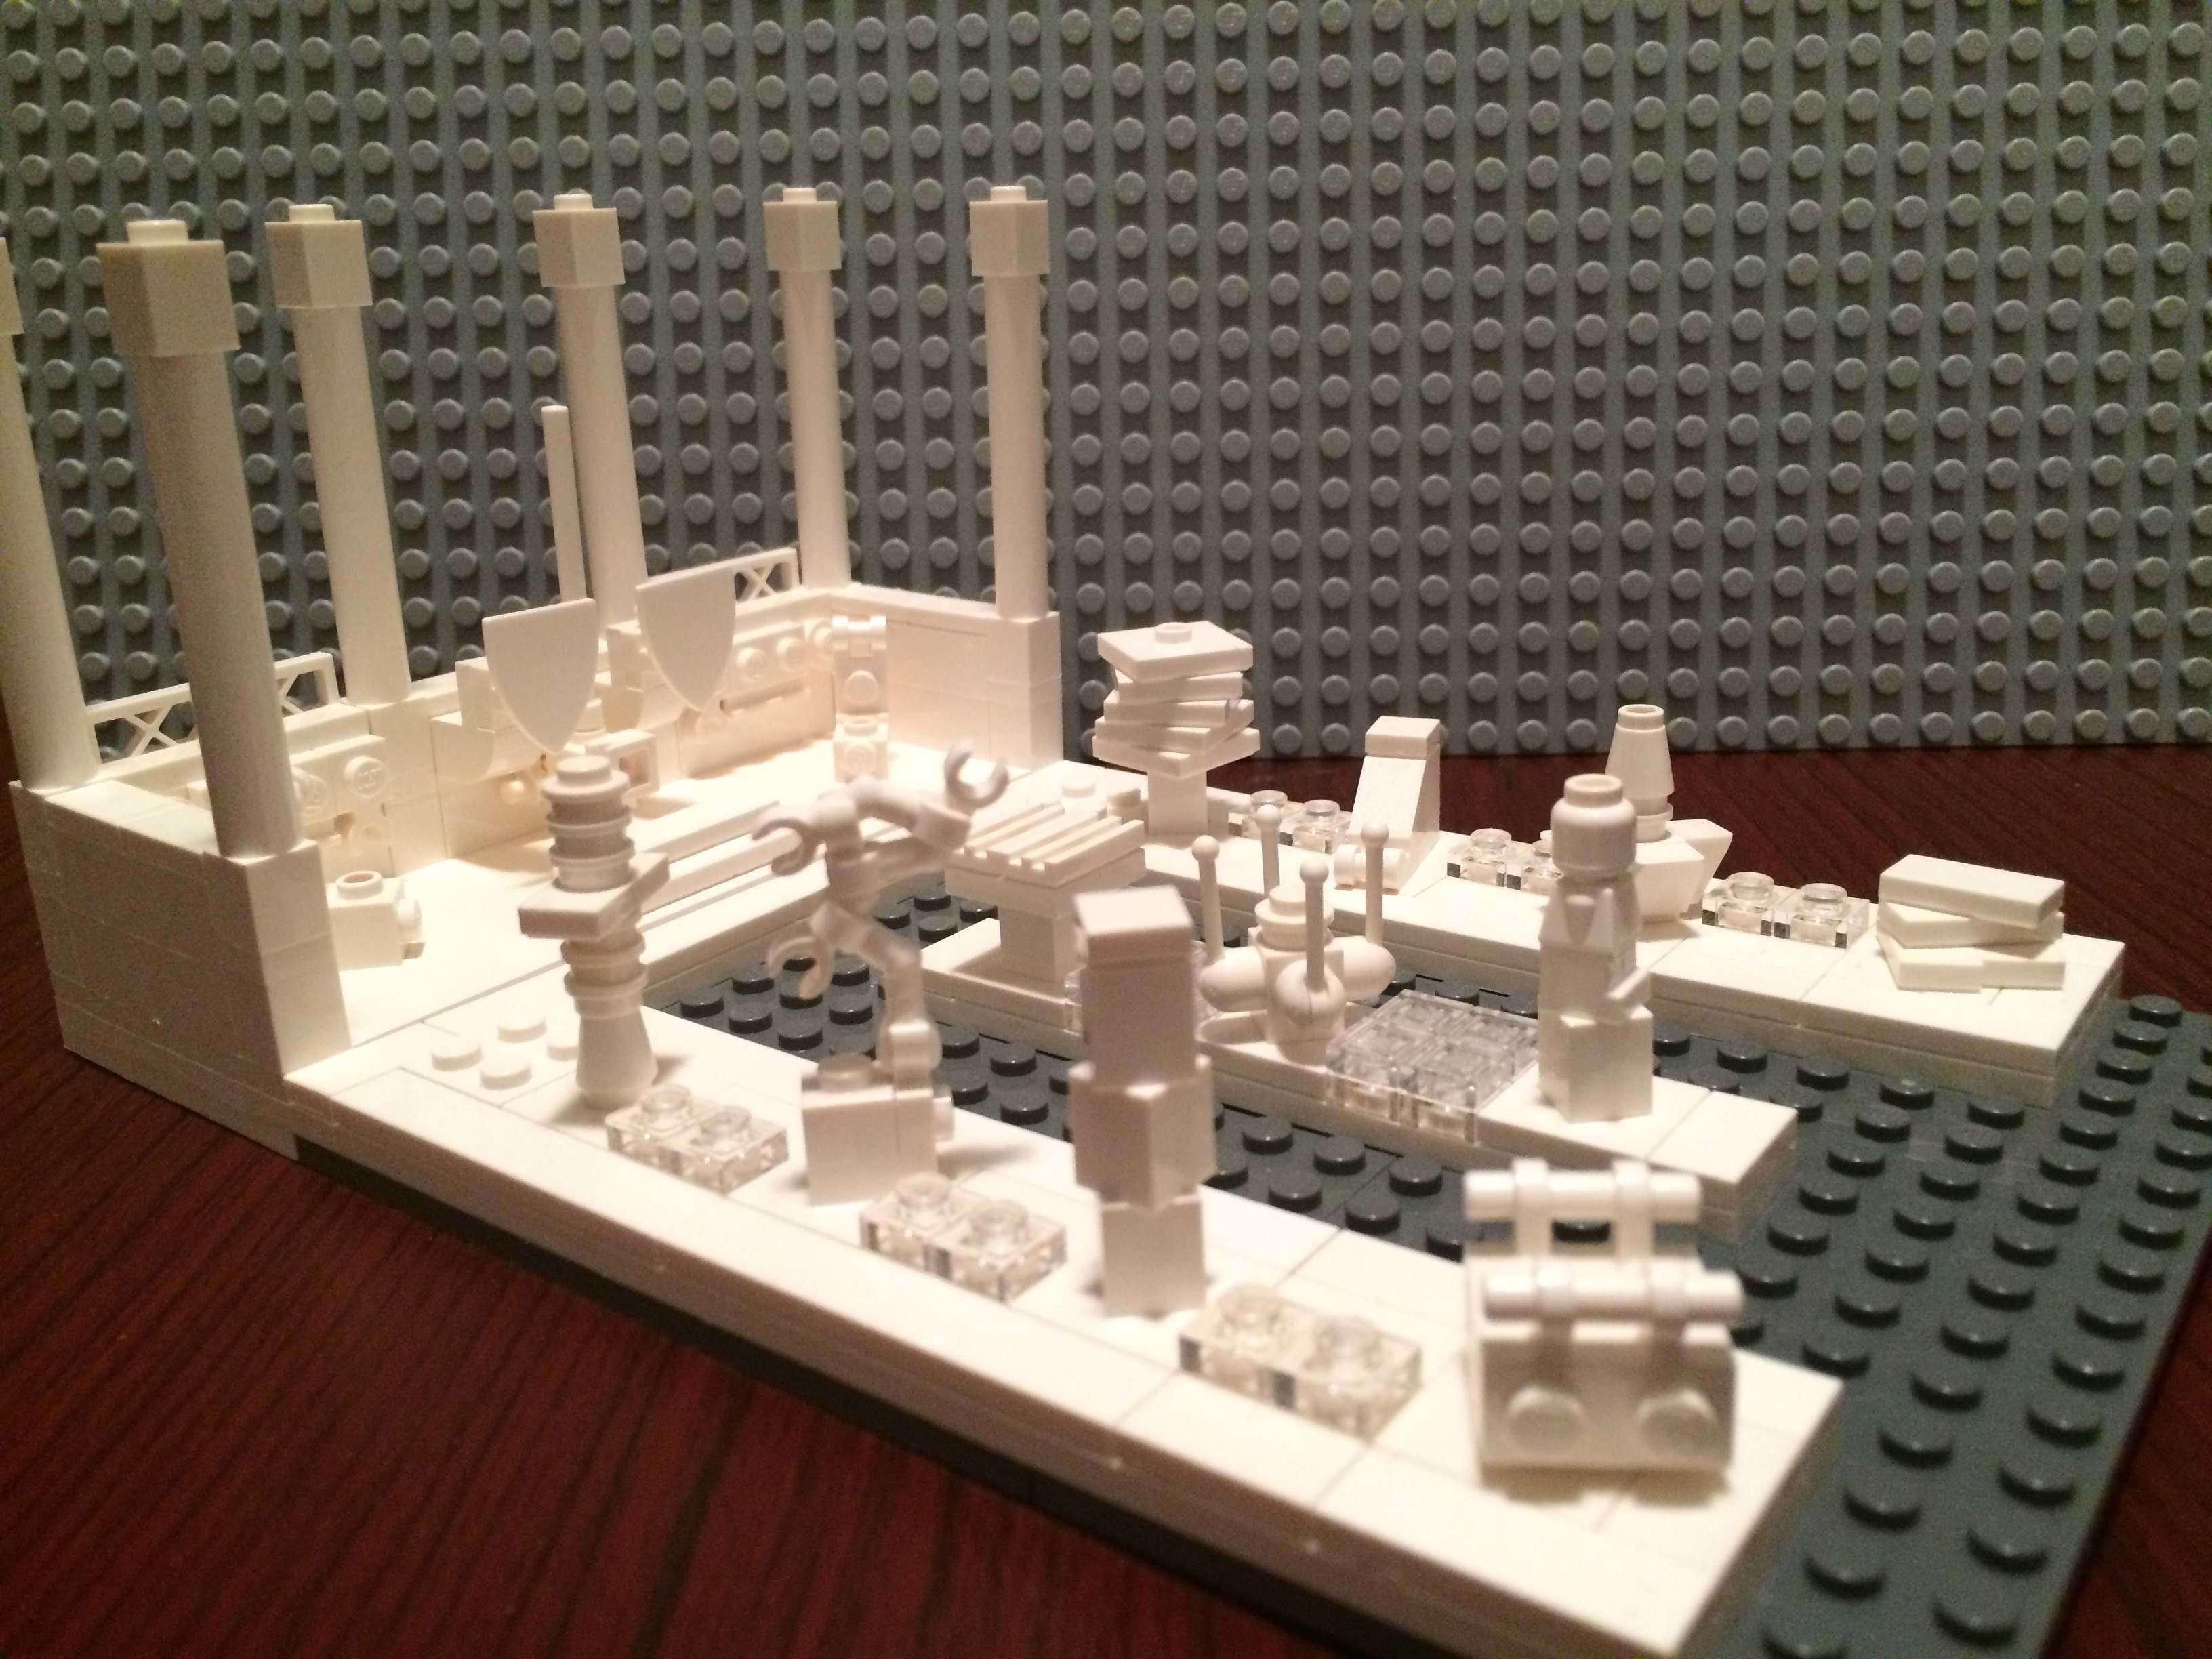 LEGO® MOC by Demetria: Palace gallery